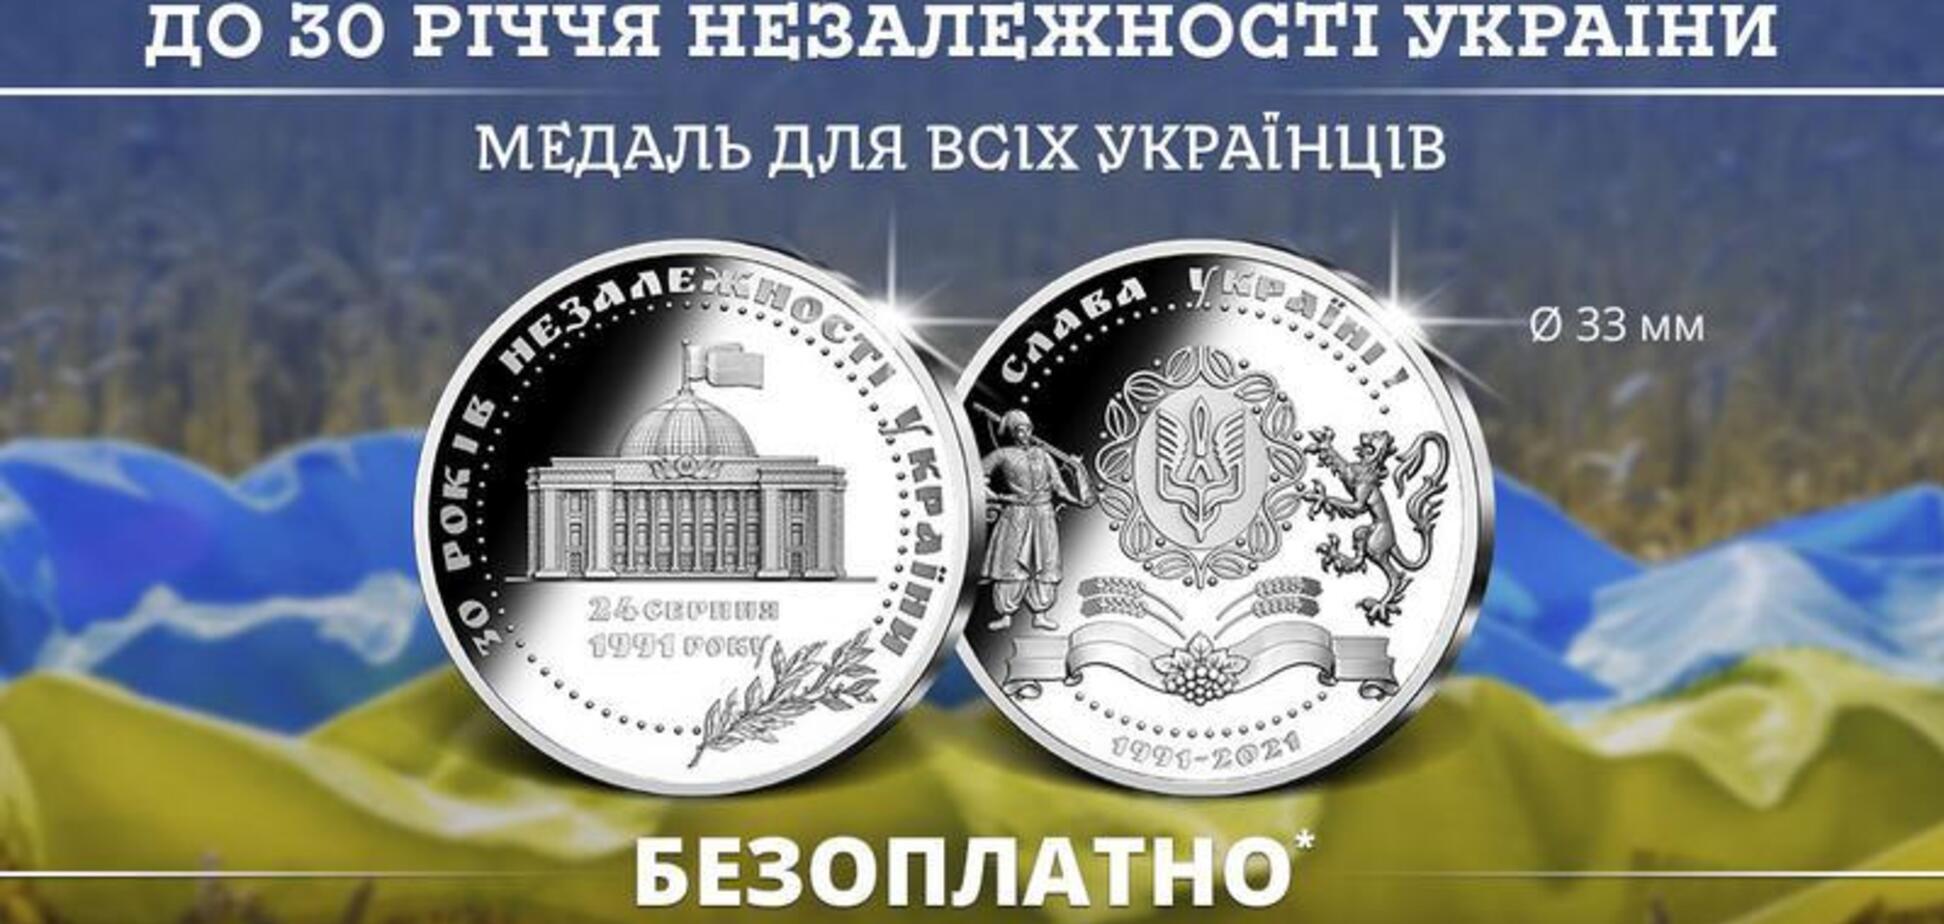 Как российская контора обманывает украинцев и продает патриотические медали